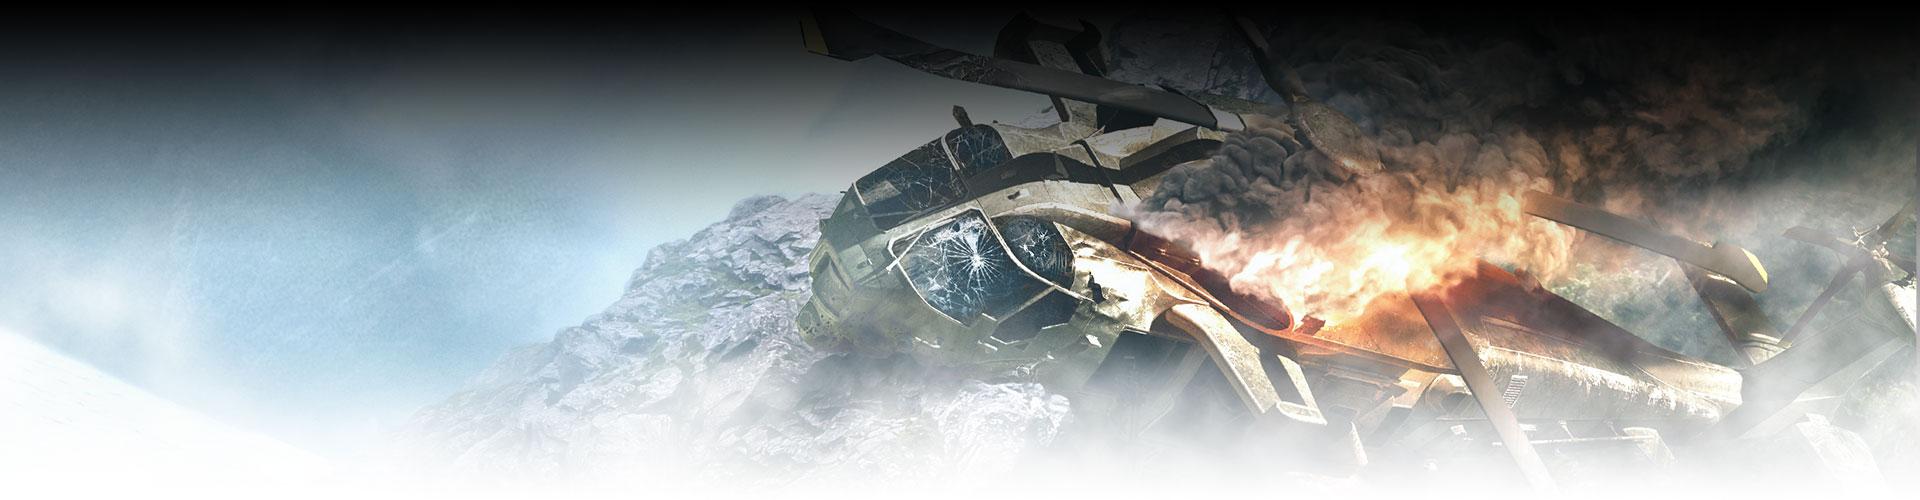 Helicóptero destruído nas montanhas